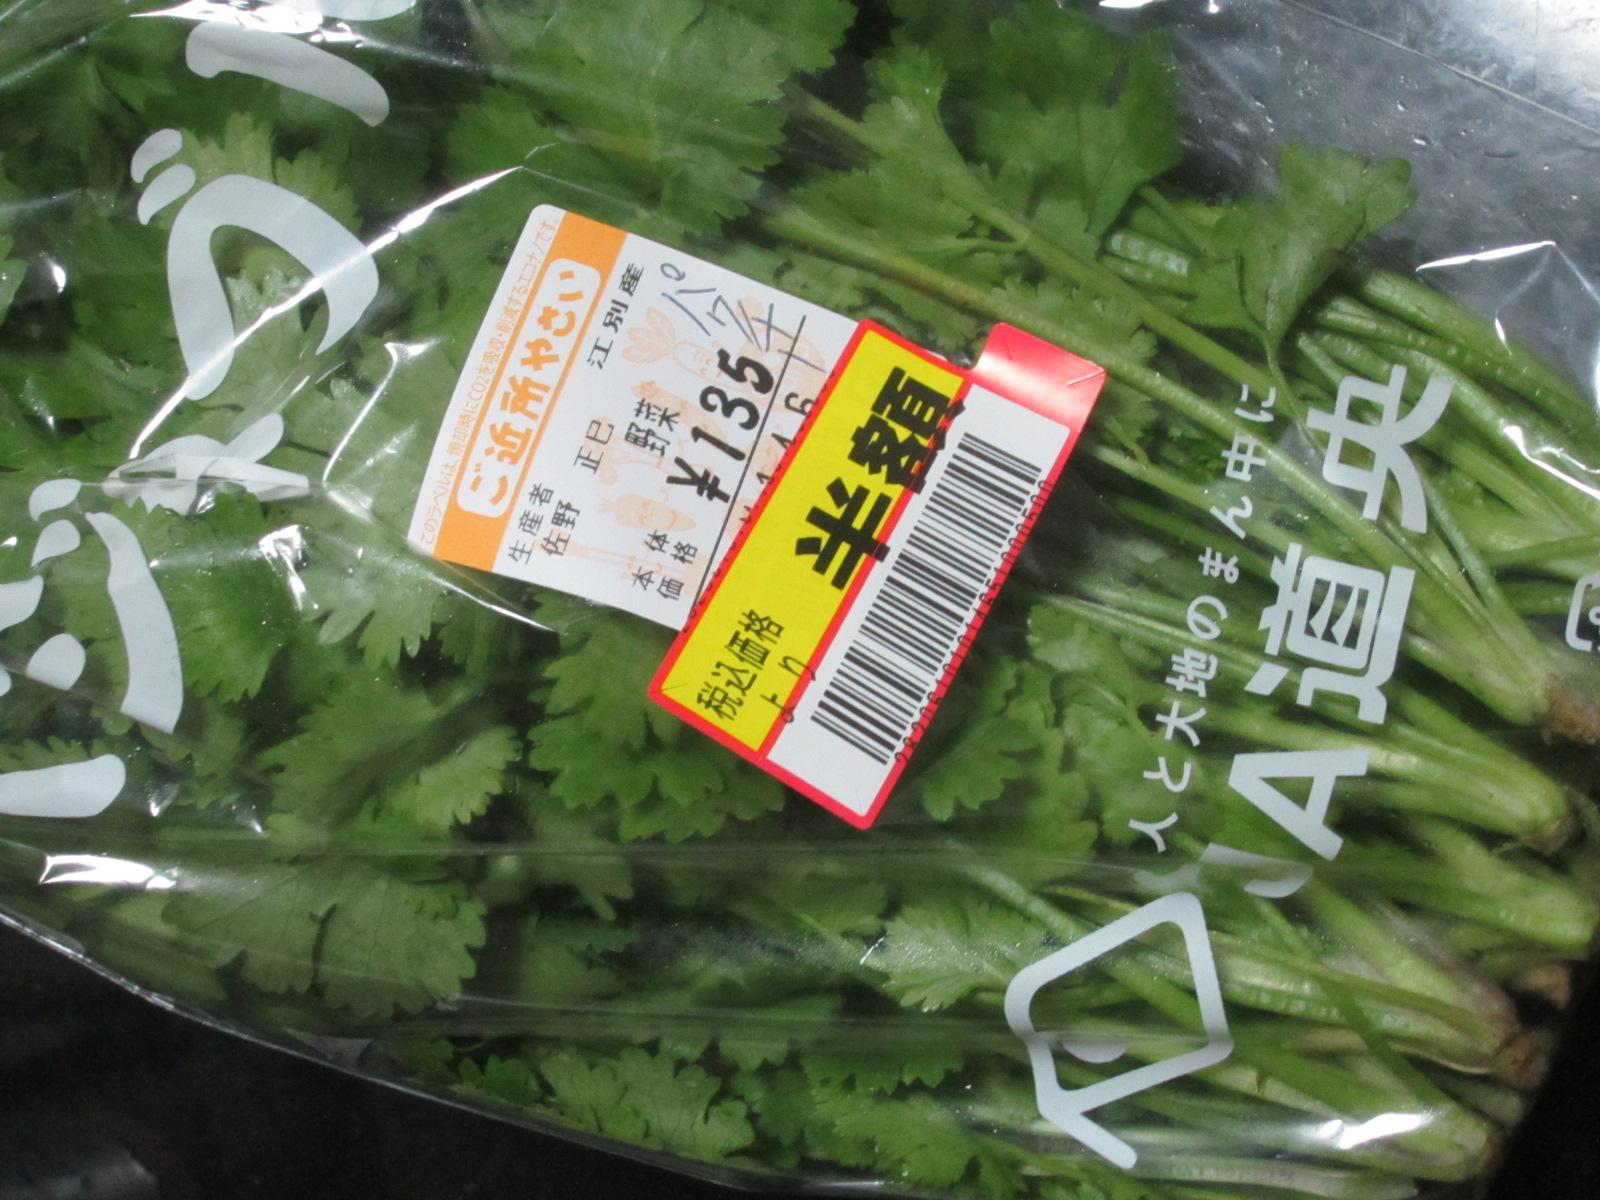 IMG 0080 - パクチーとかゆー流行してるらしいクセの強い野菜に初挑戦